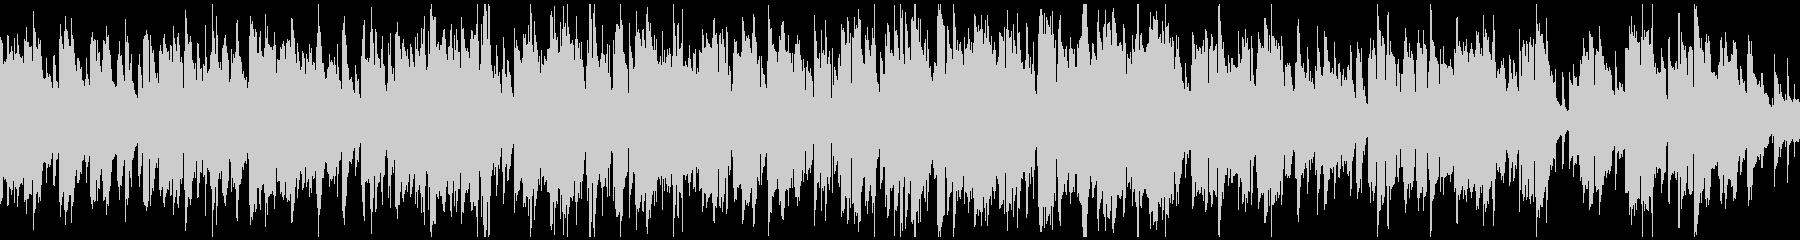 生演奏ソプラノサックスのジャズ※ループ版の未再生の波形